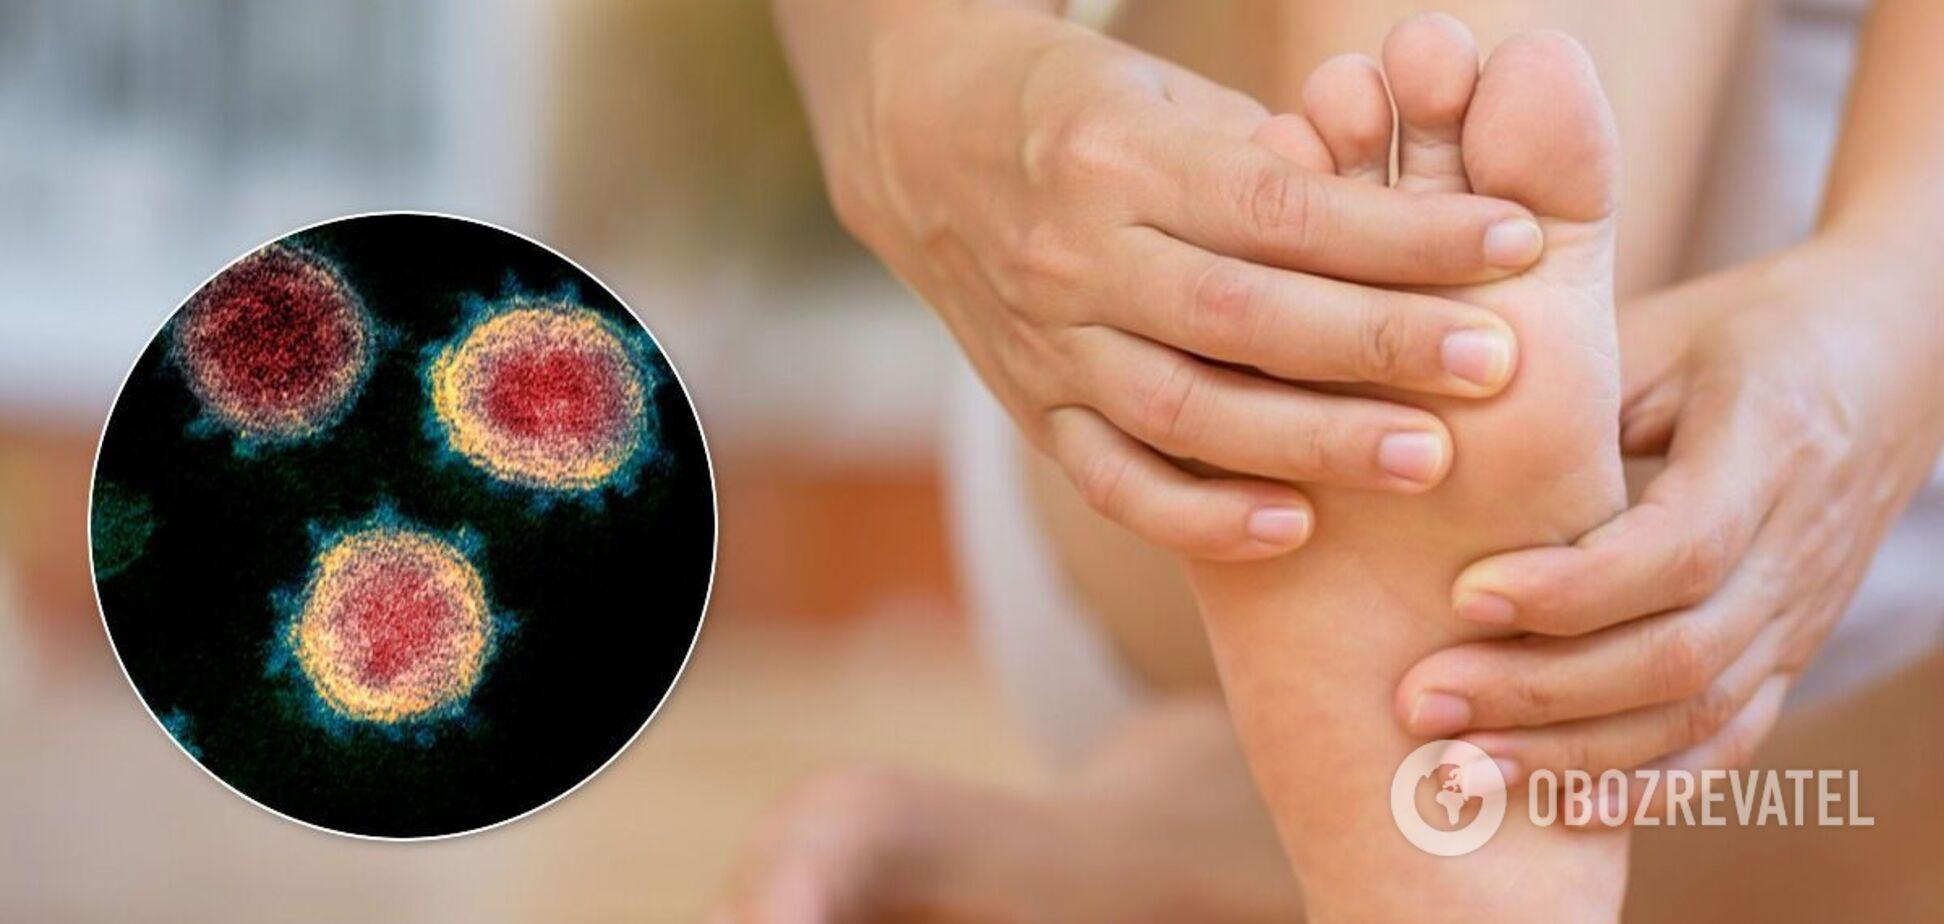 Прояви COVID-19 на шкірі залишаються навіть після одужання